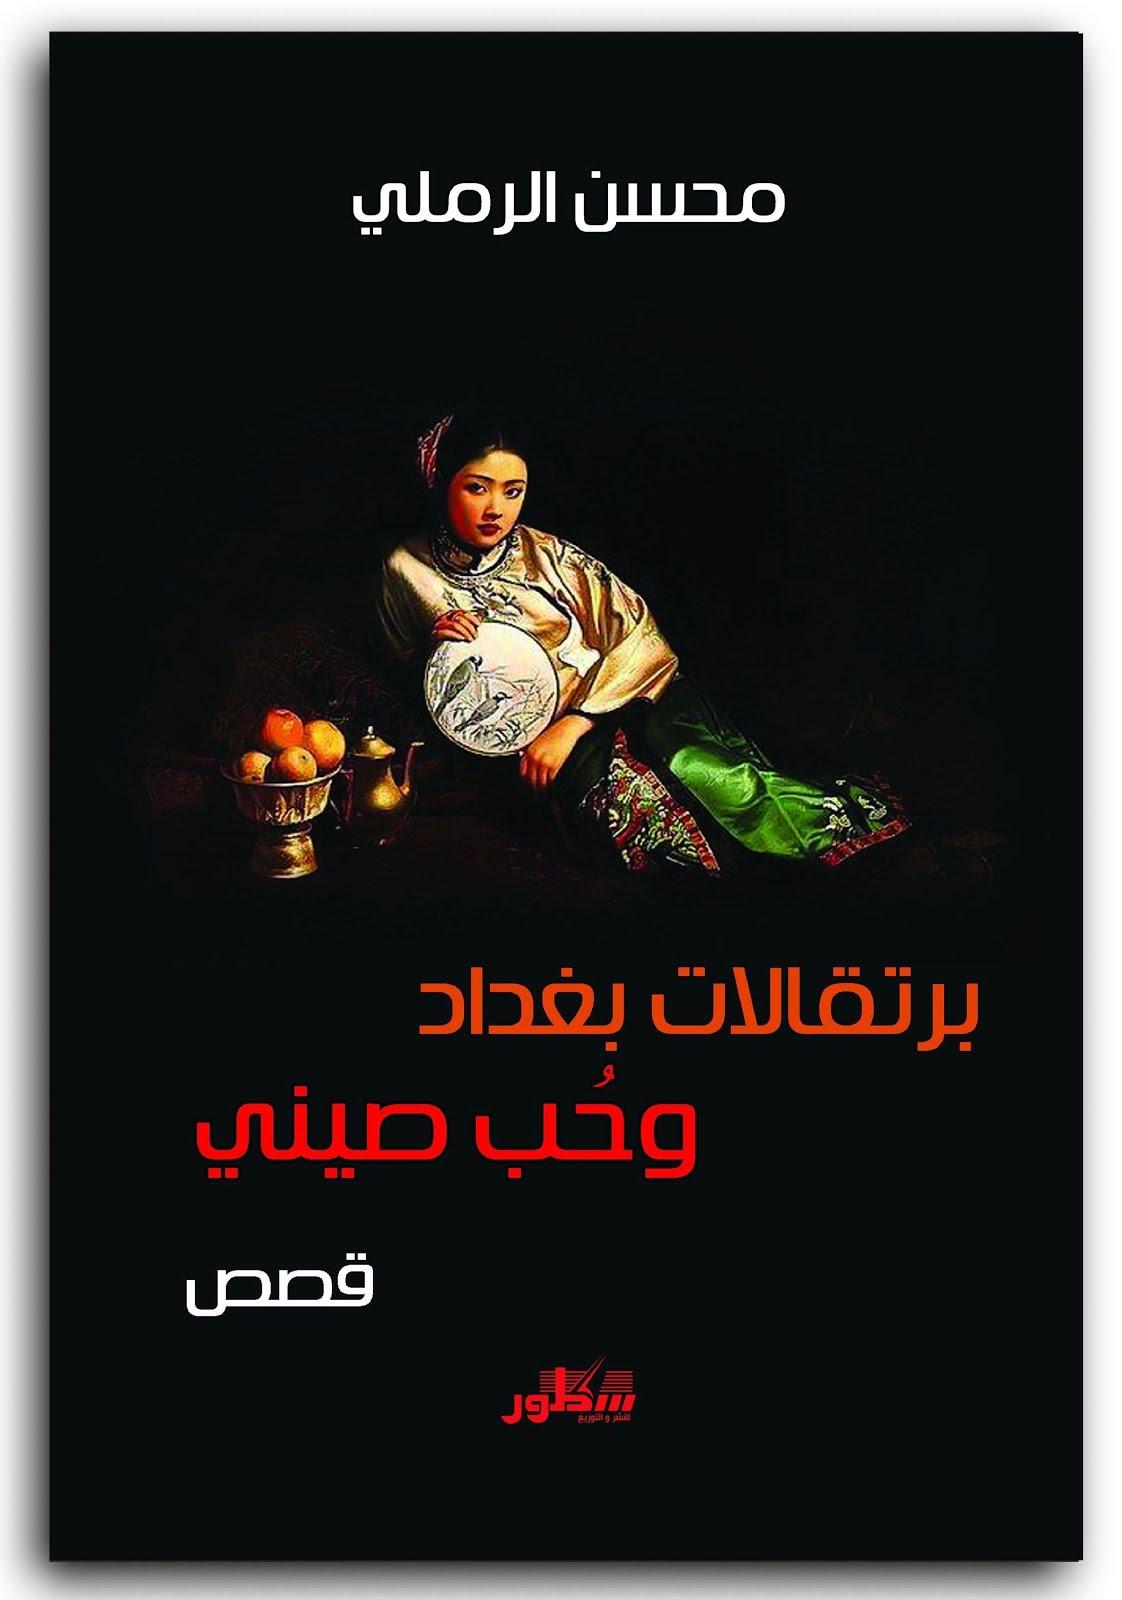 برتقالات بغداد وحُب صيني